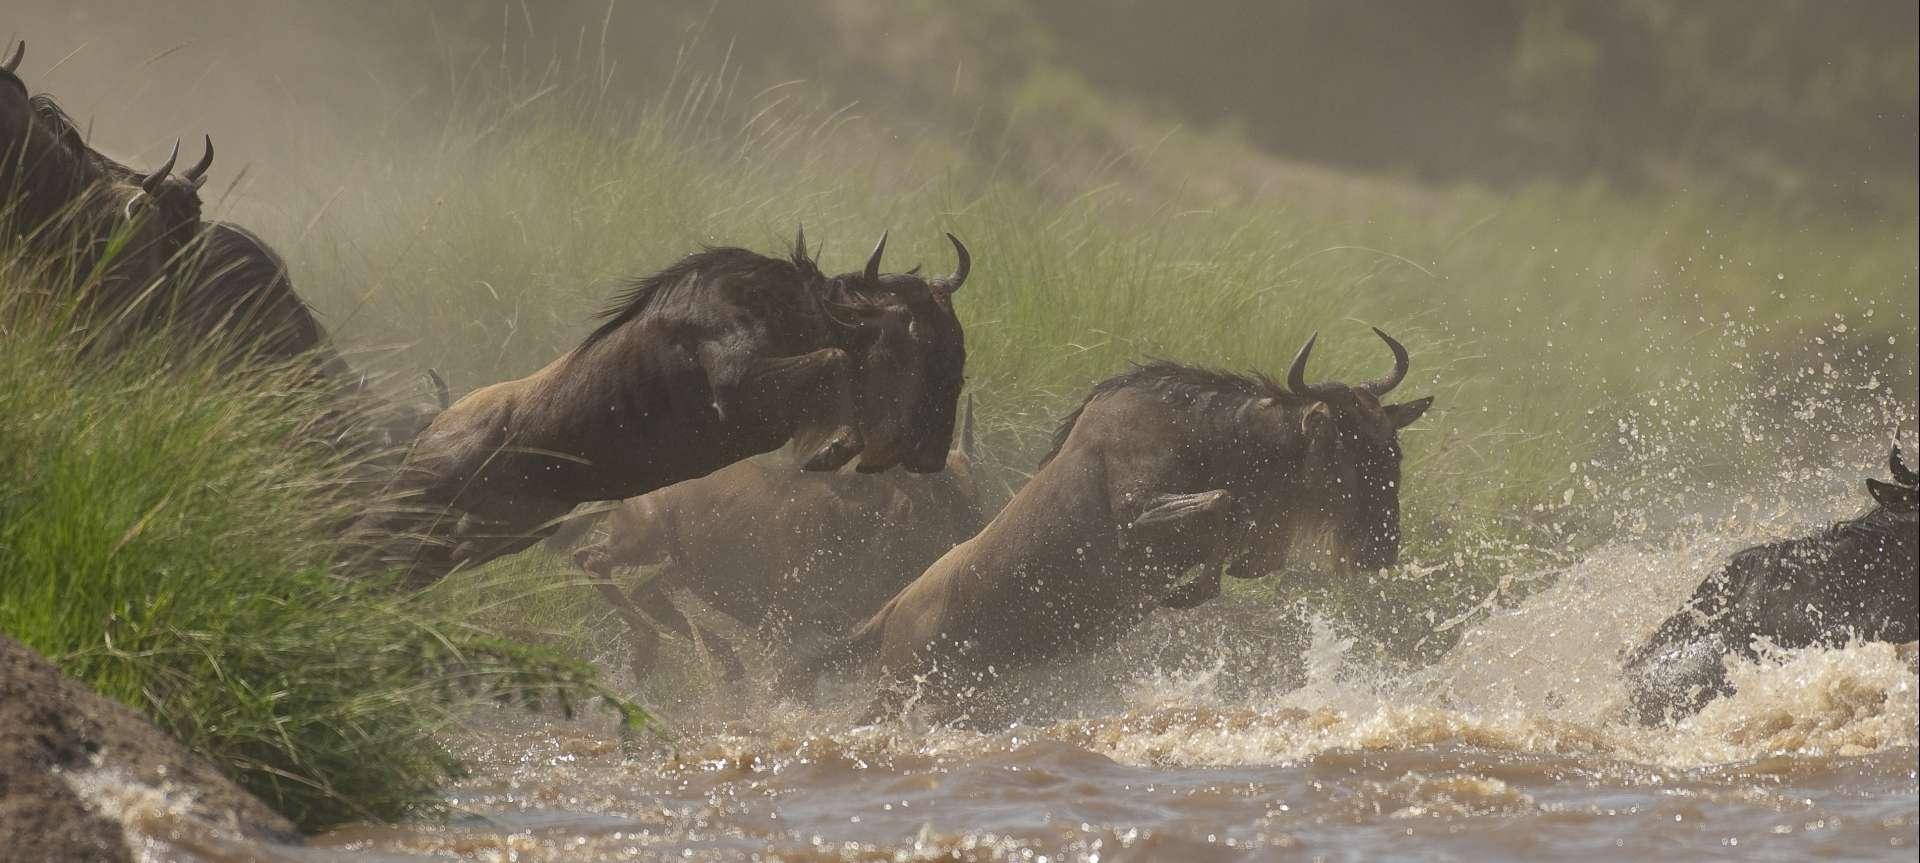 Migration safaris in Africa - Africa Wildlife Safaris